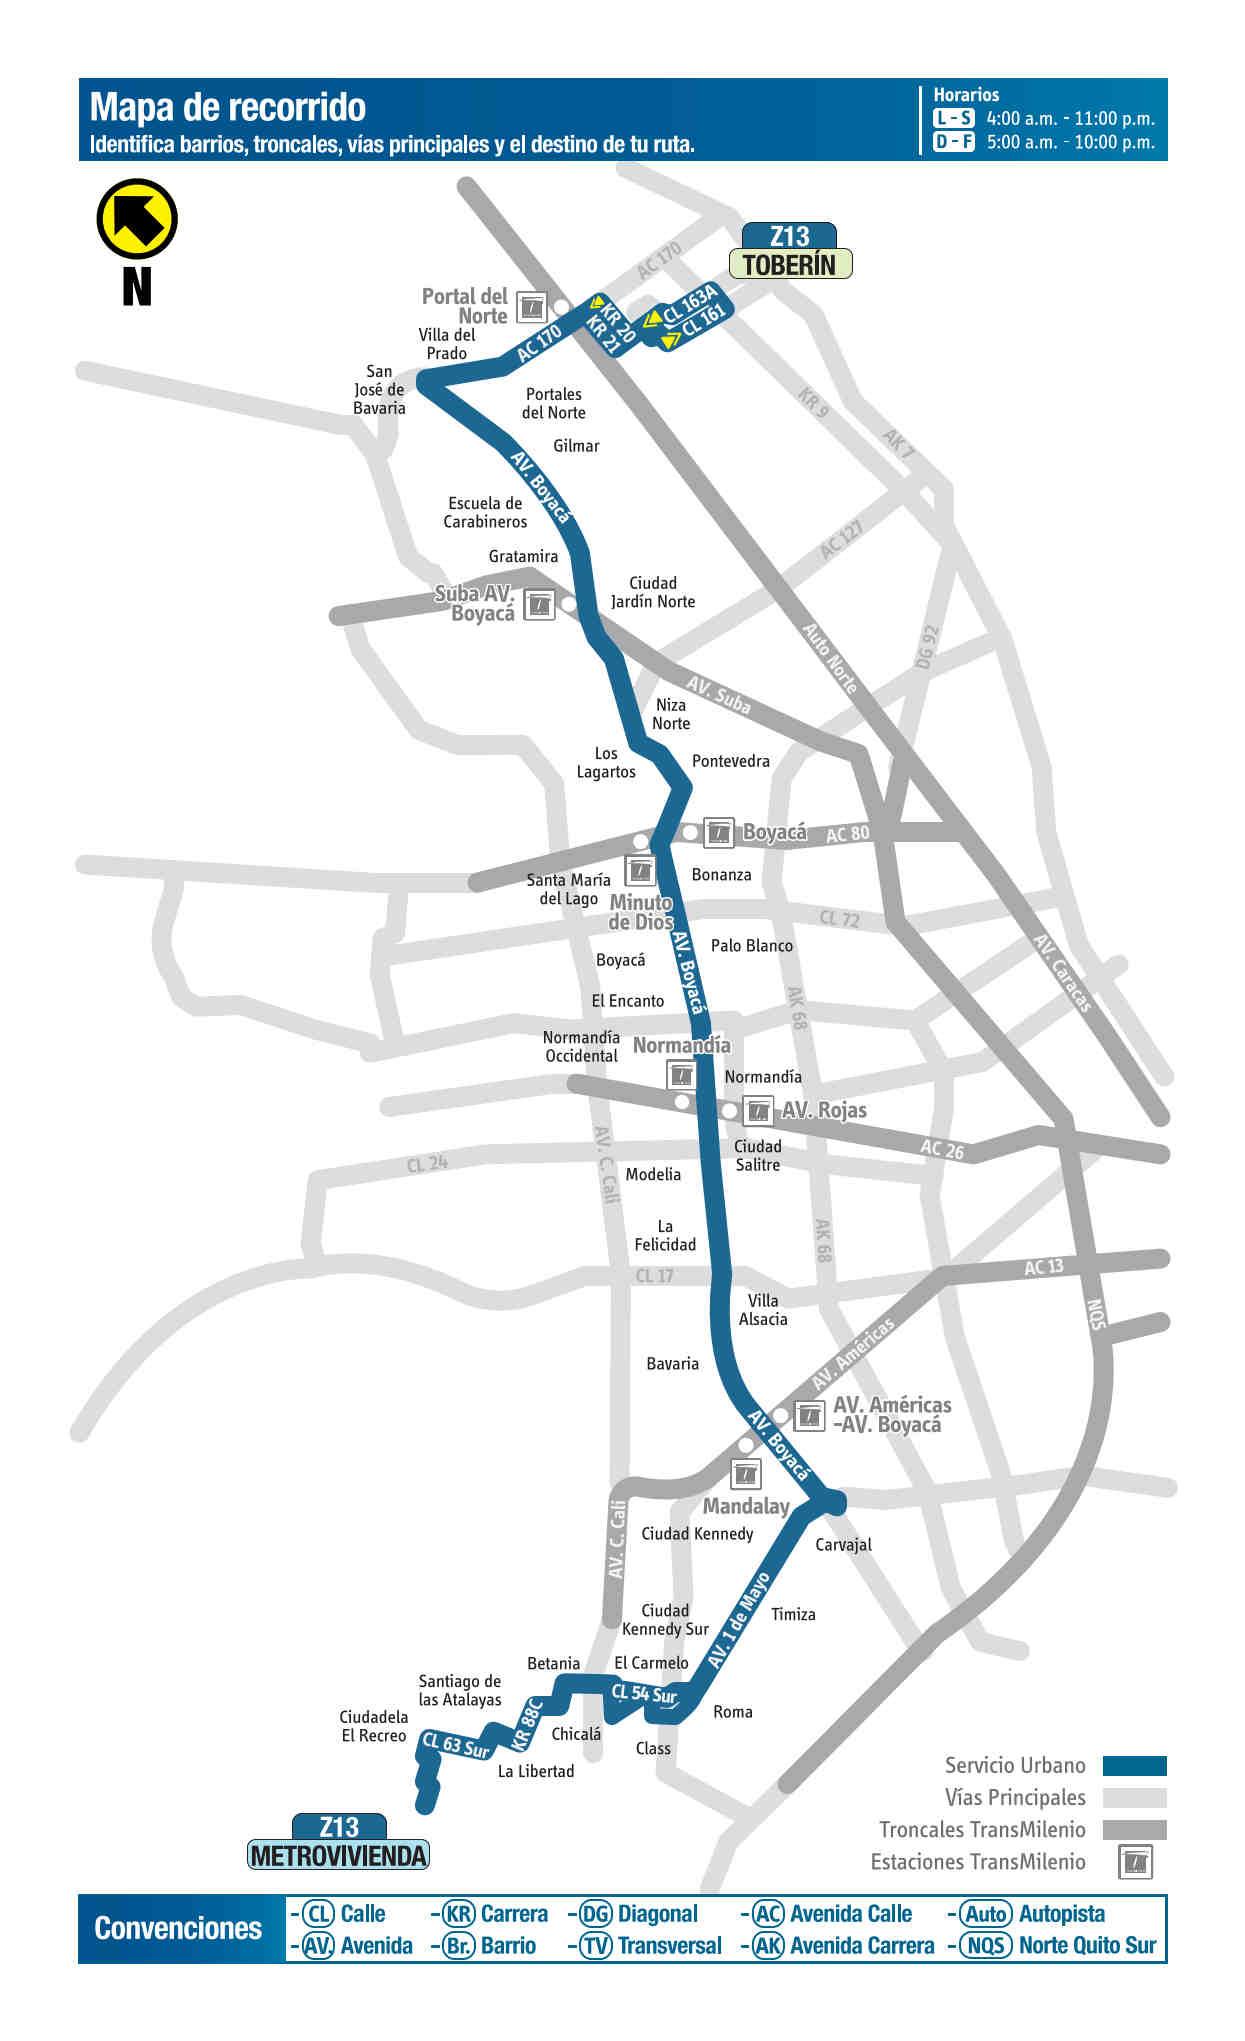 Z13 Toberín - Metrovivienda, mapa bus urbano Bogotá